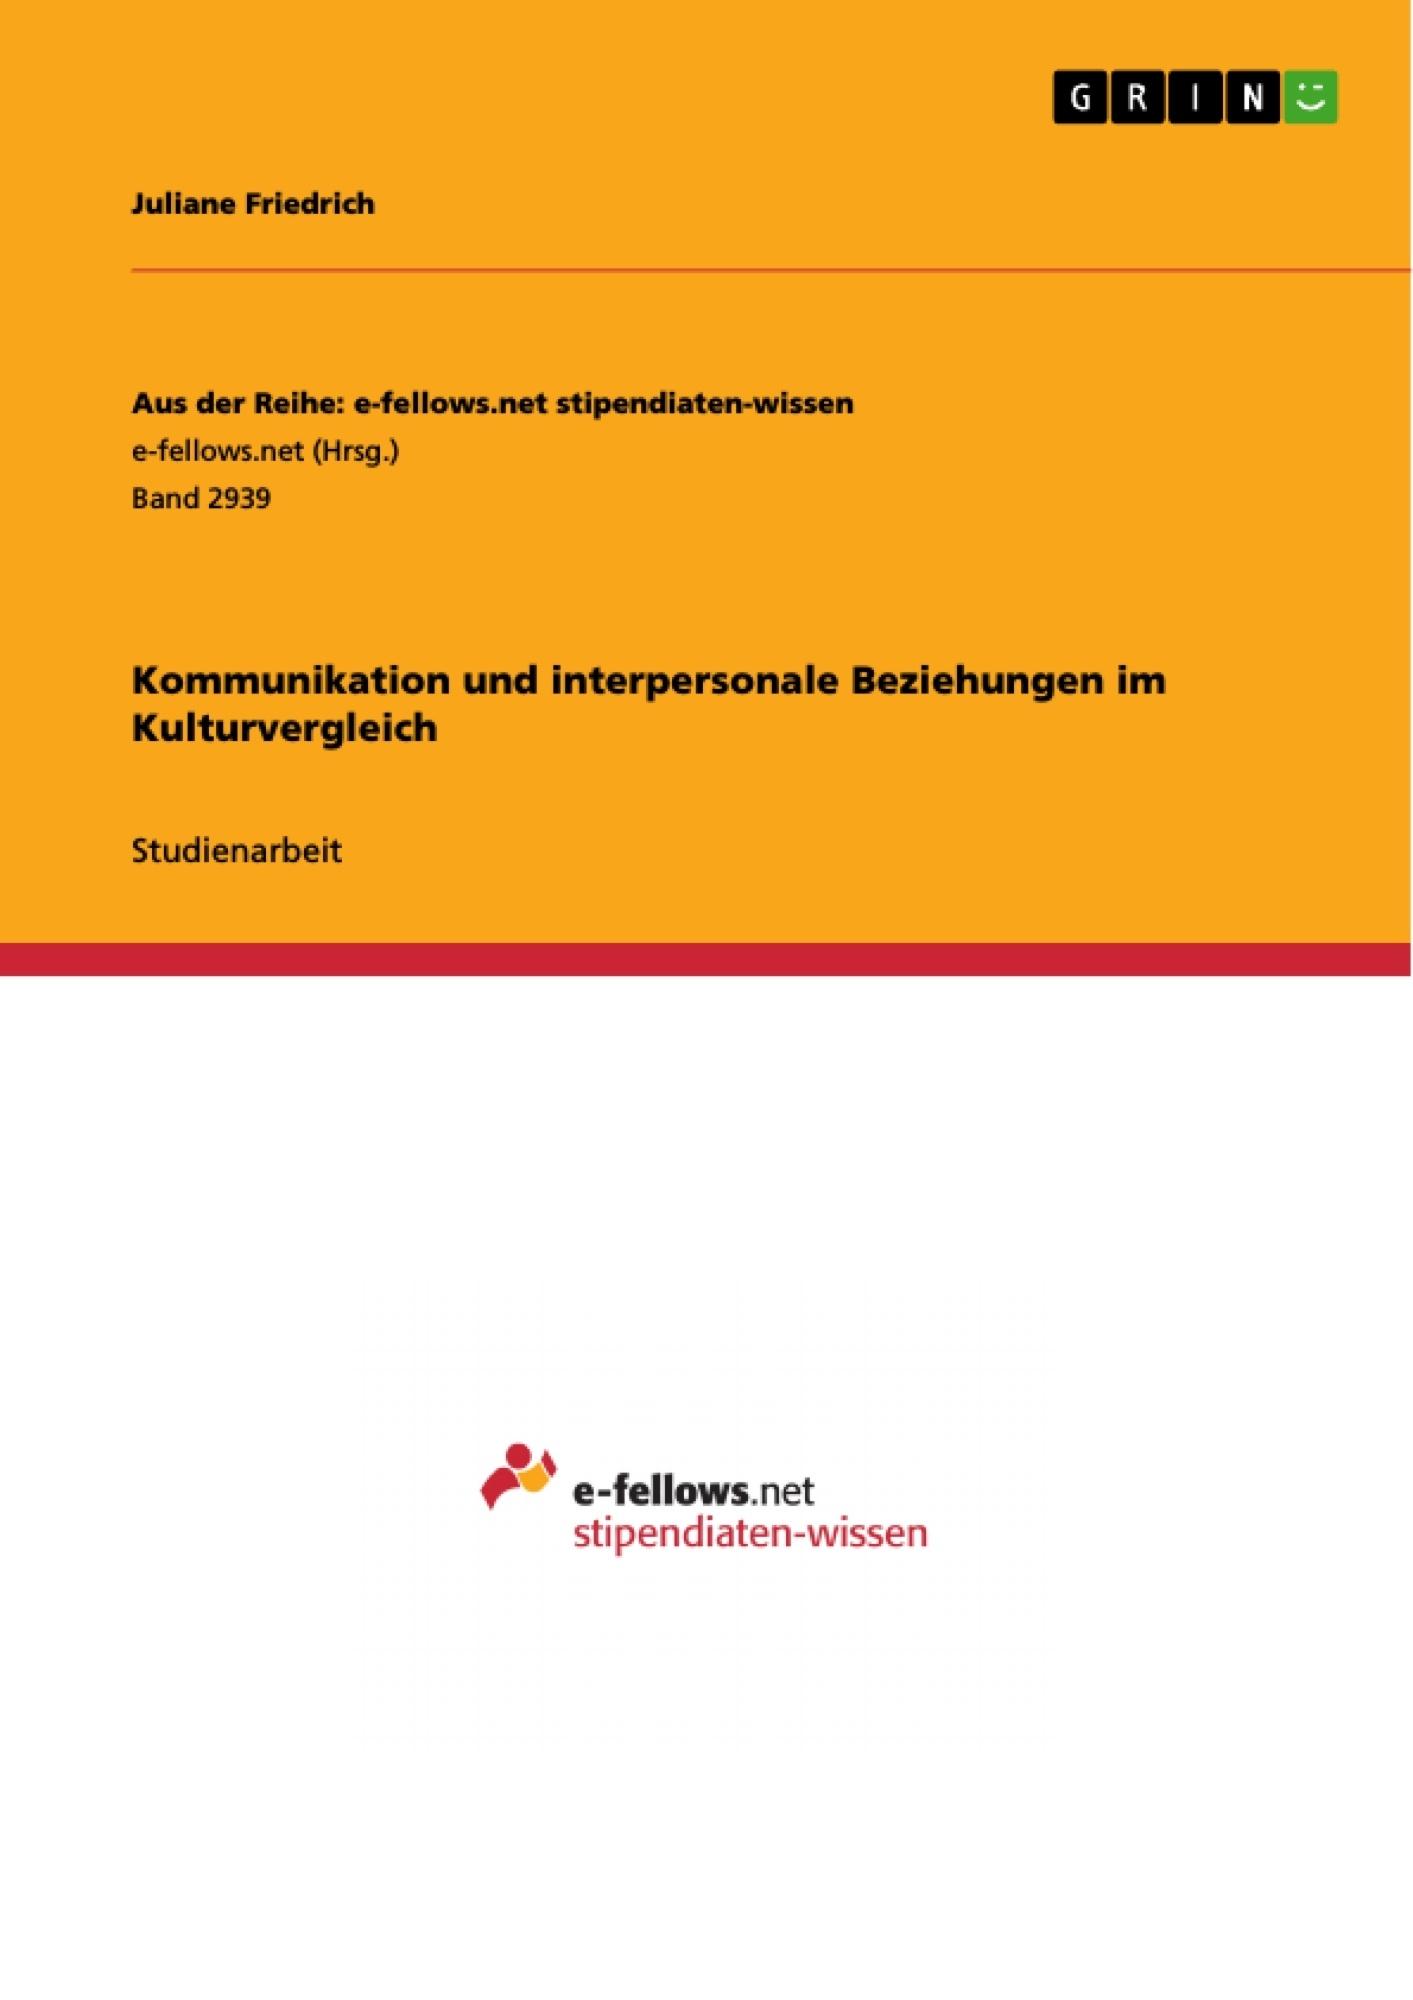 Titel: Kommunikation und interpersonale Beziehungen im Kulturvergleich